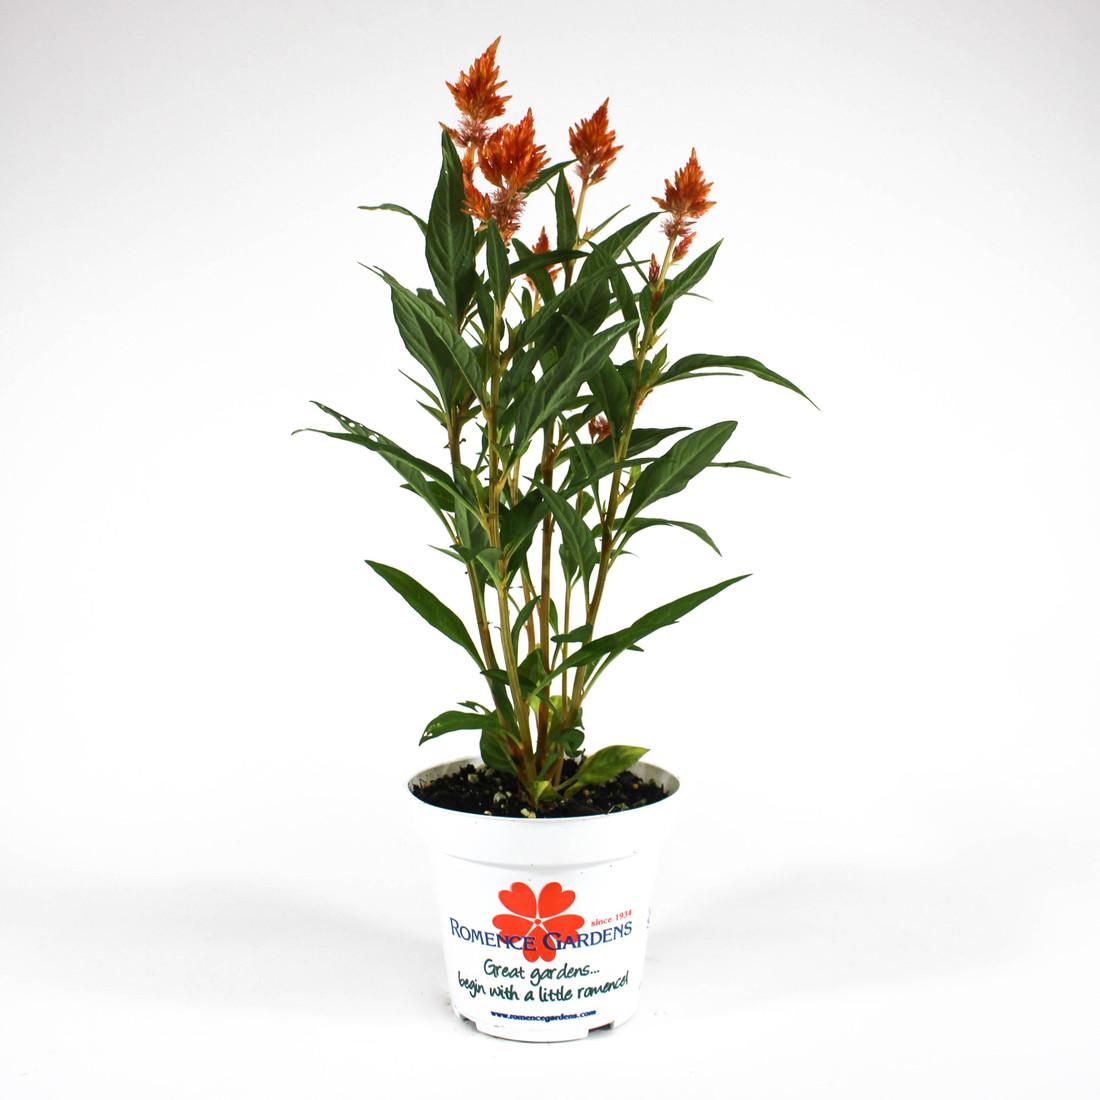 """Celosia 'Kelos® Fire Orange' in 4.5"""" Plastic Pot"""